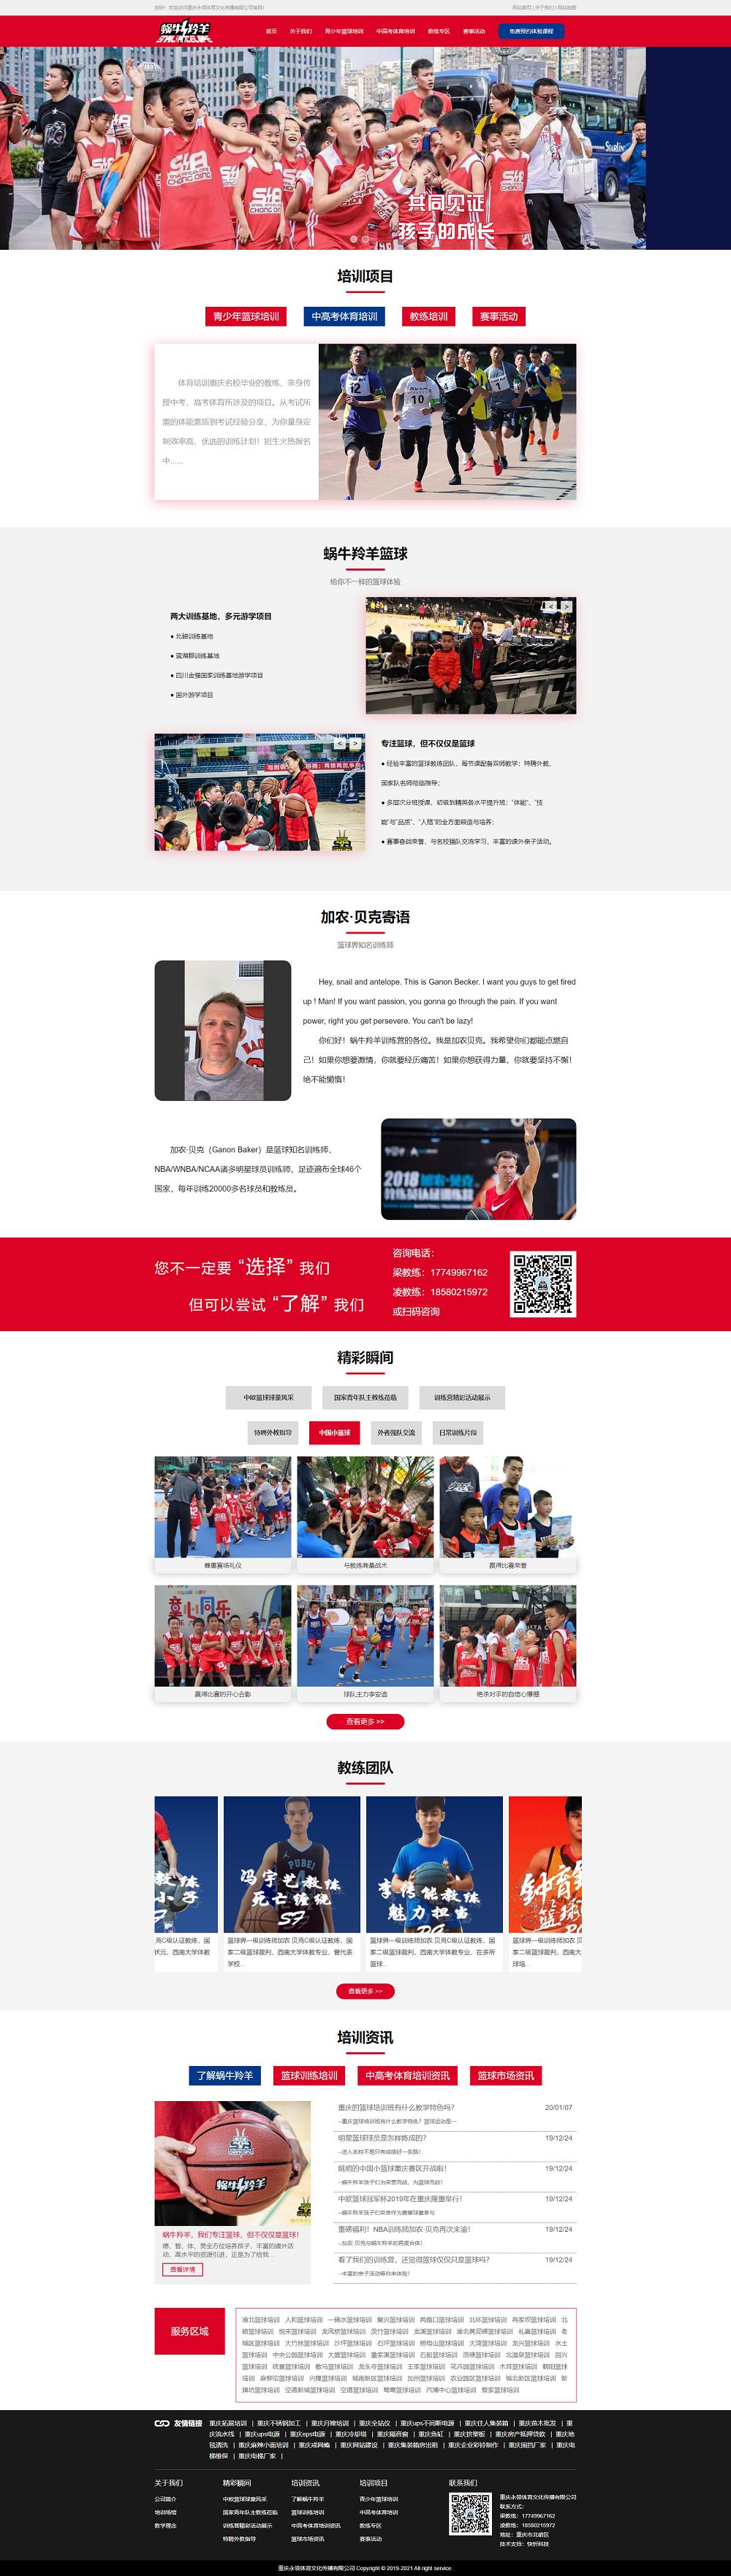 重庆永领体育文化传播有限公司网站建设案例